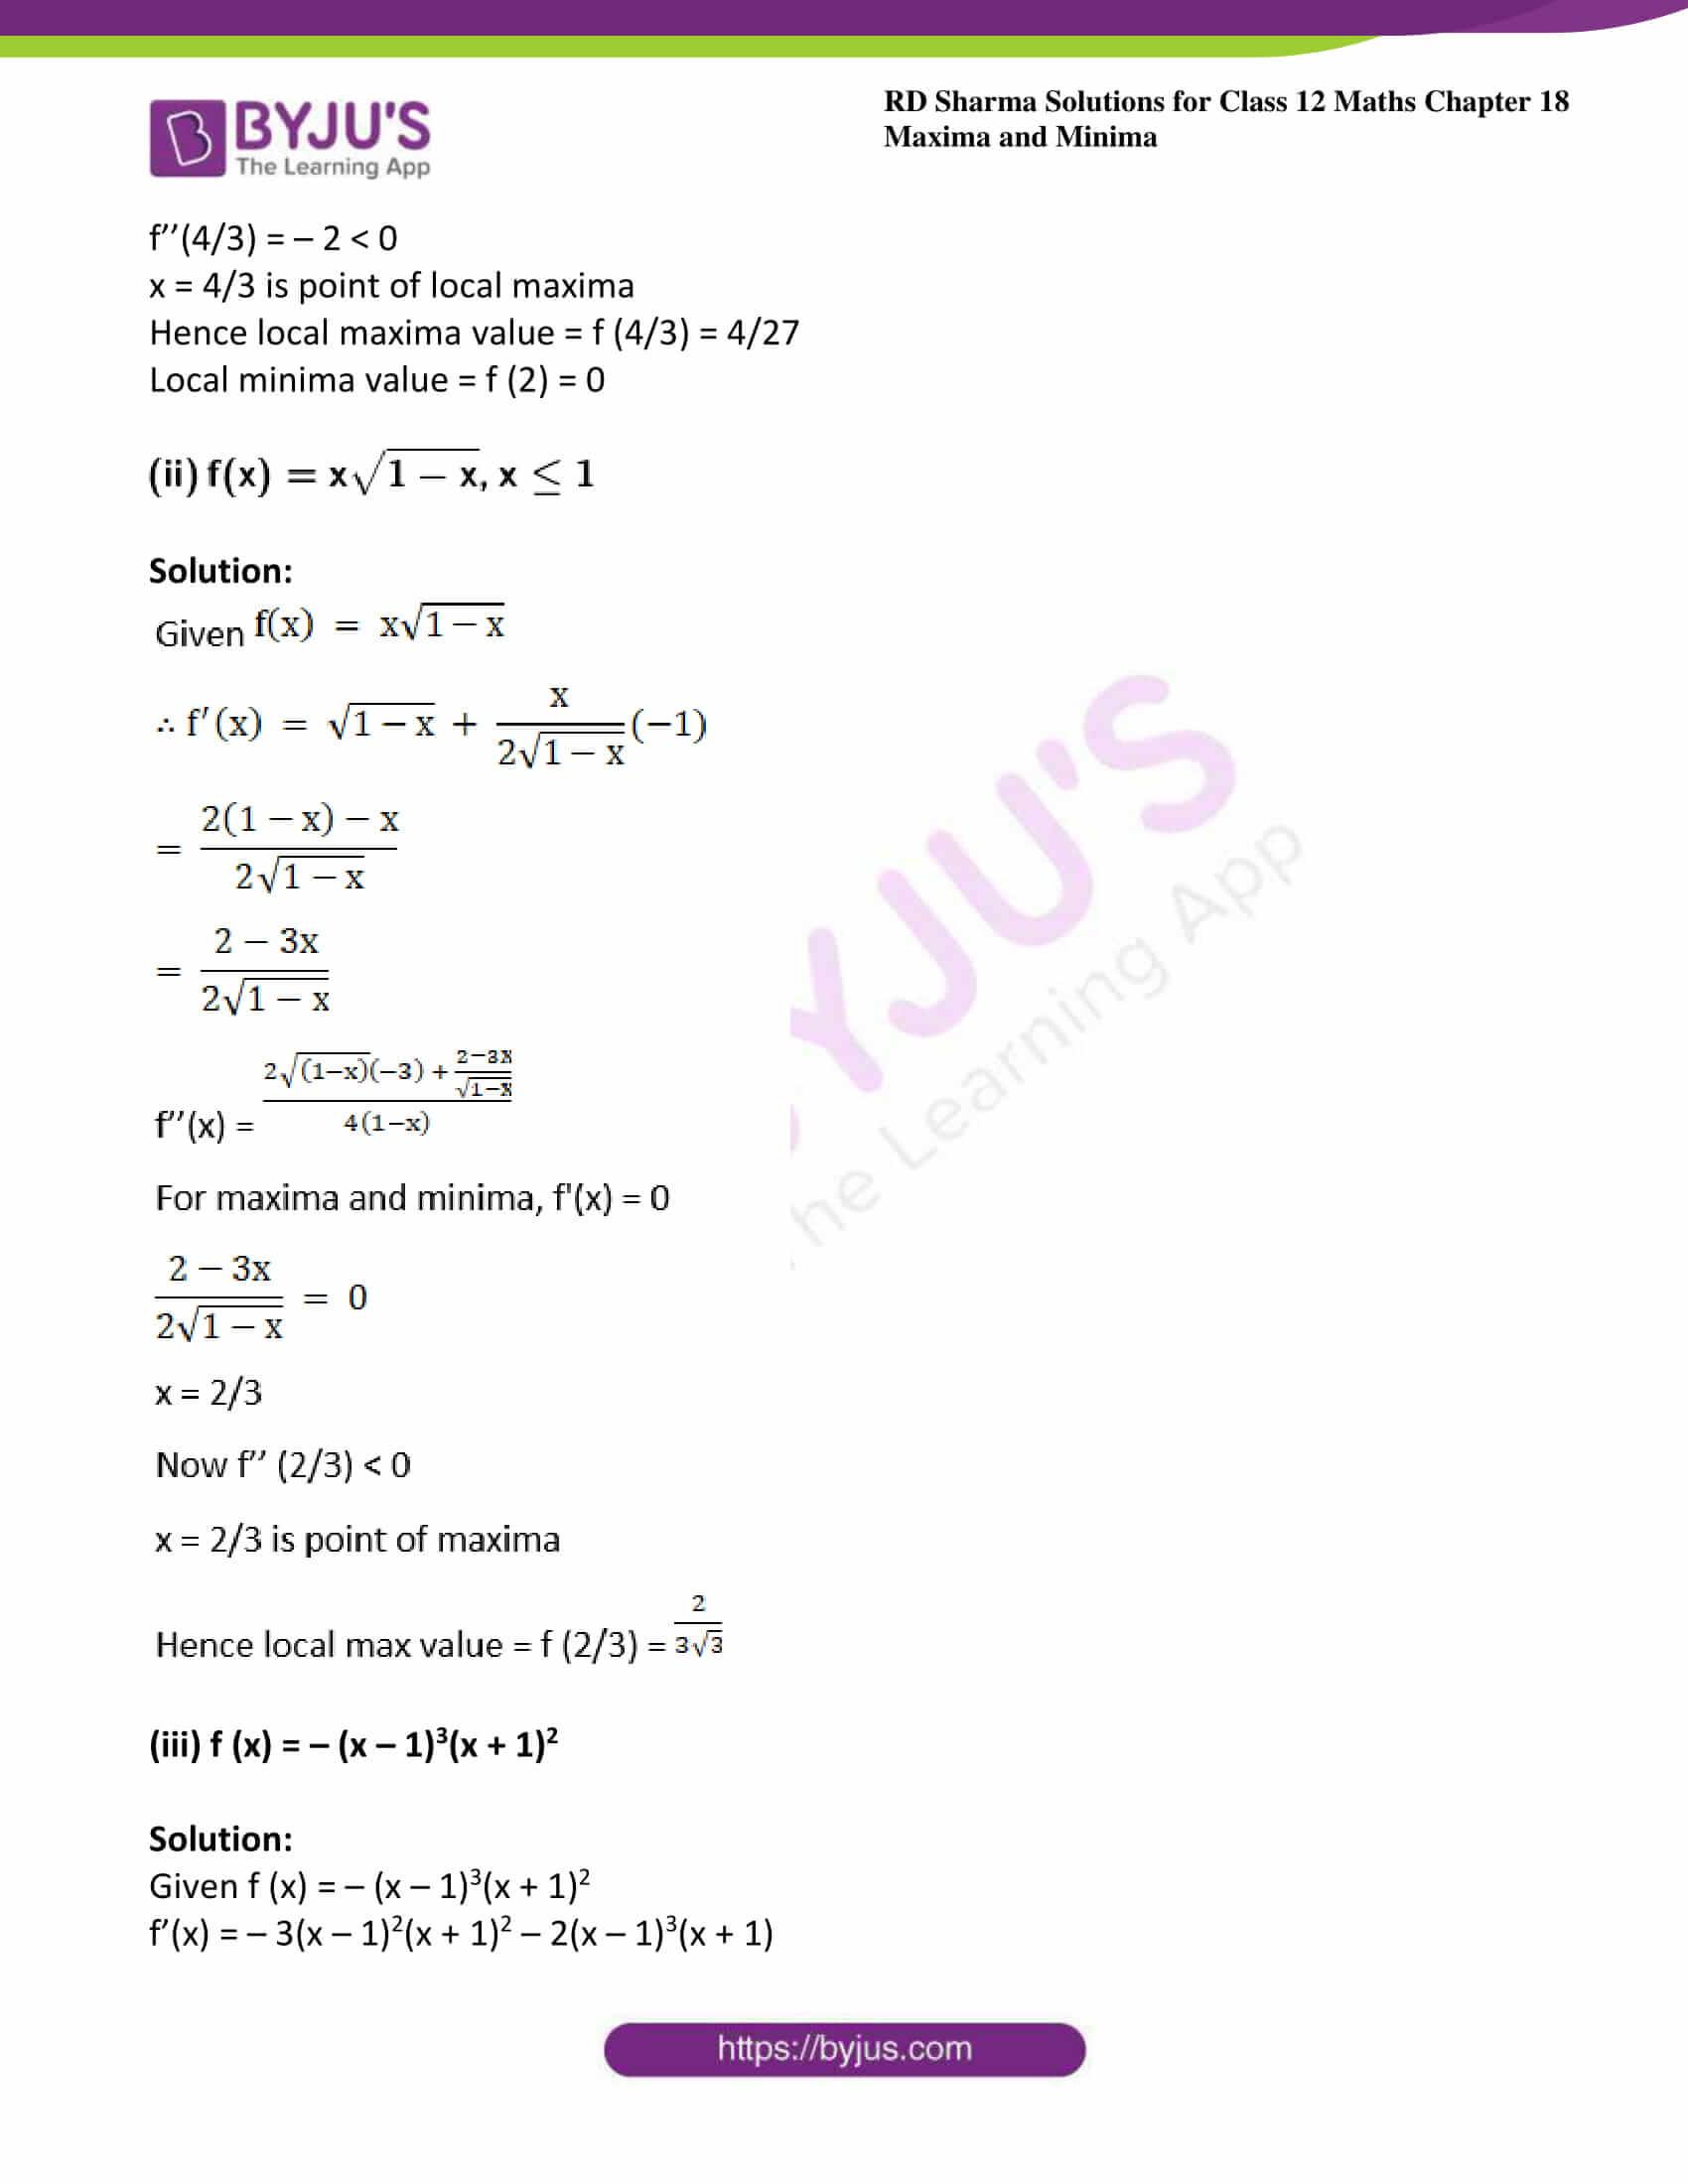 rd sharma class 12 maths sol chap 18 ex 3 4